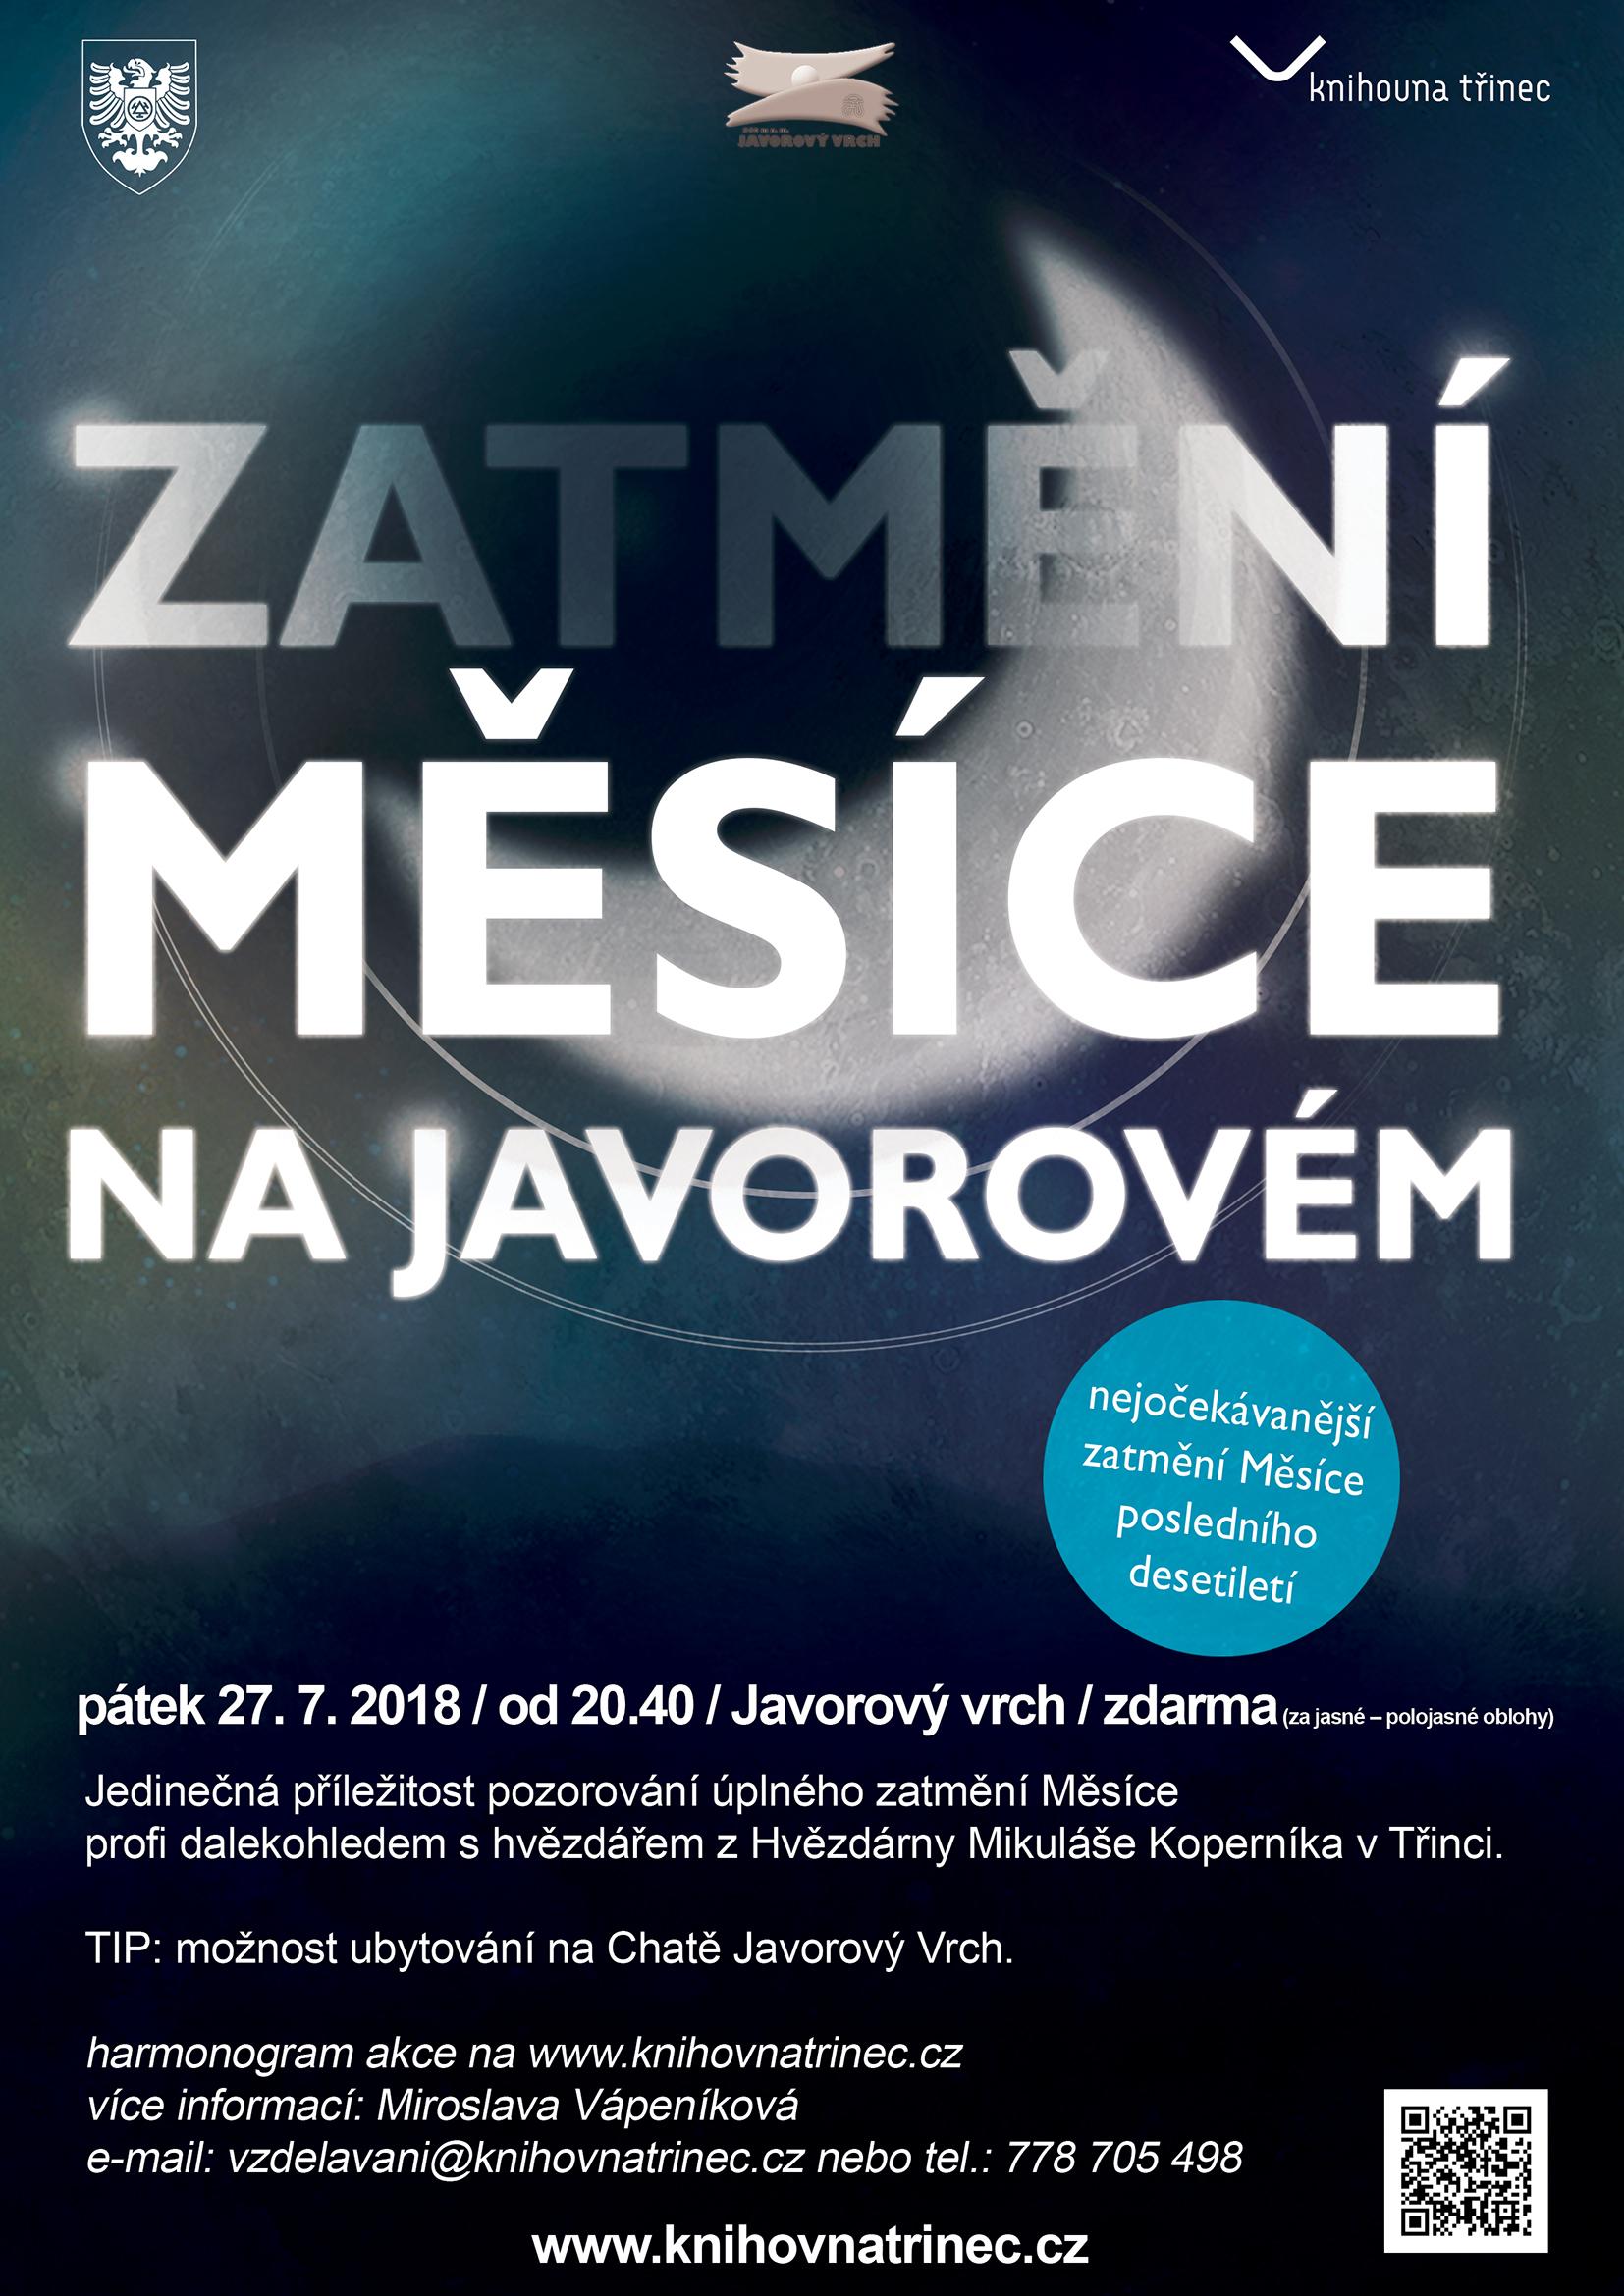 Zatmění měsíce na Javorovém plakát